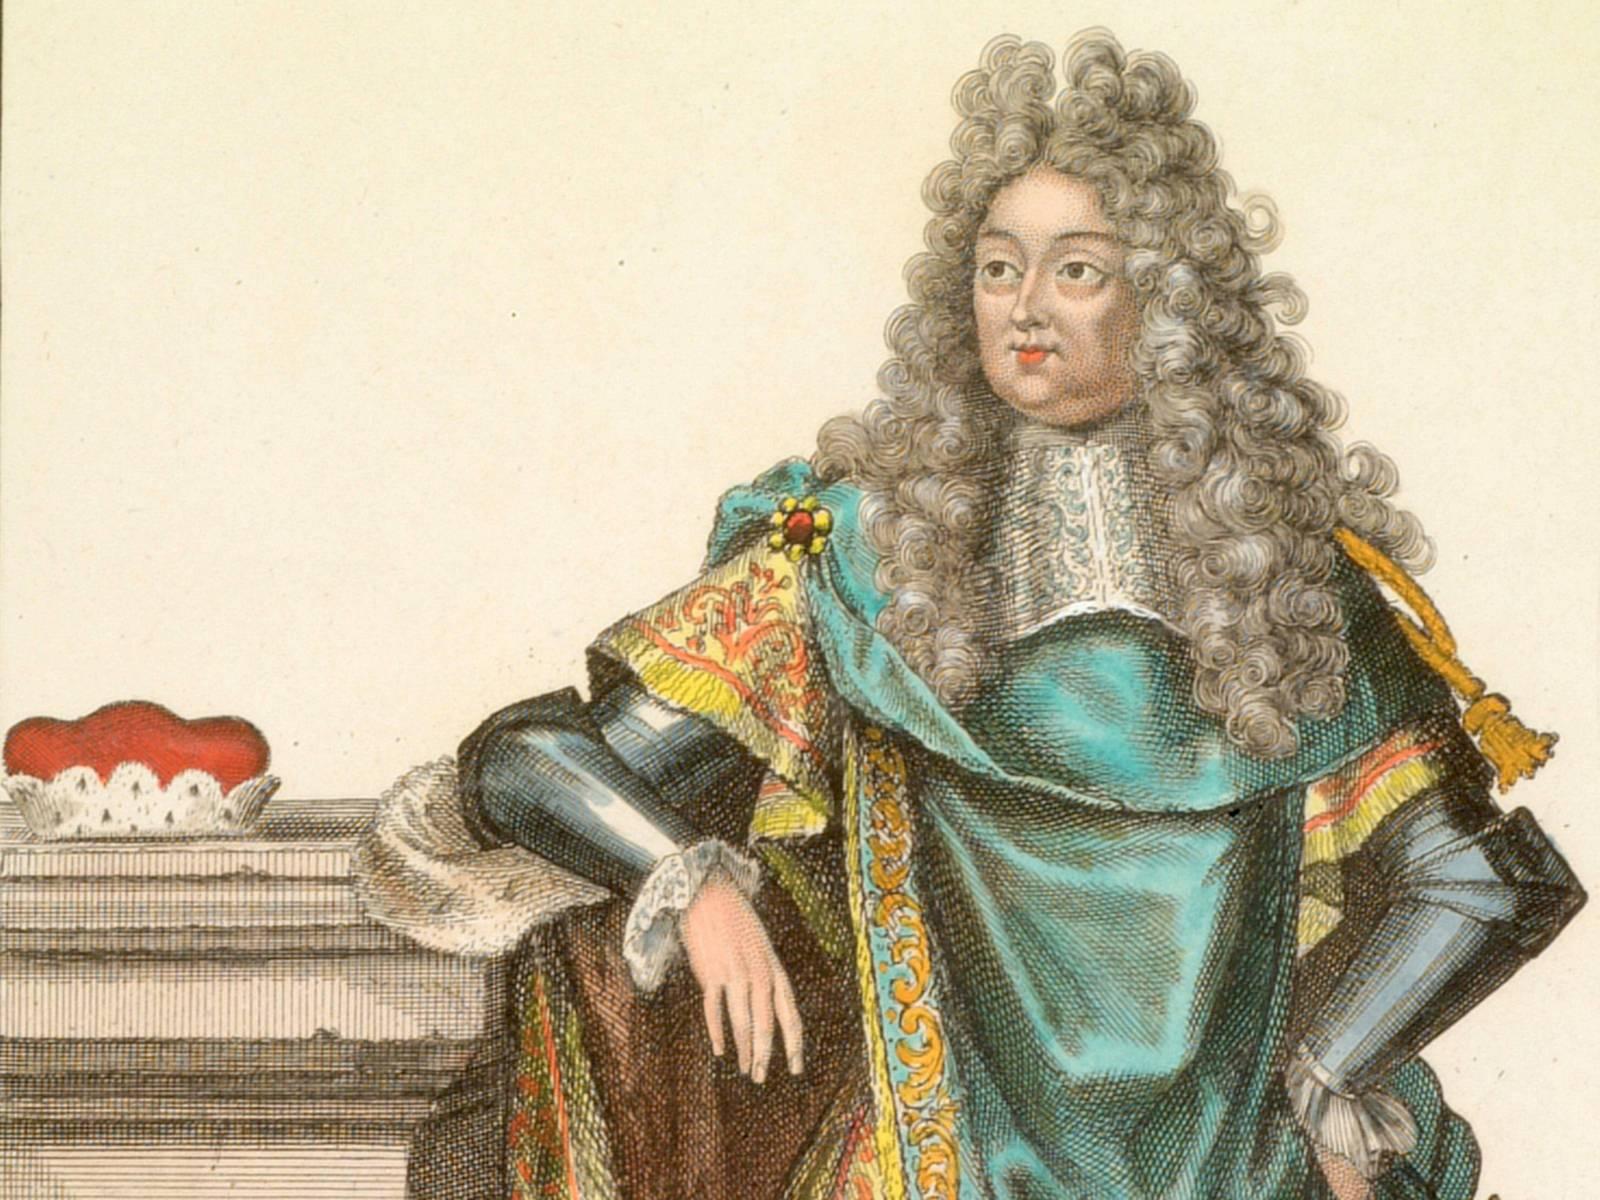 Kurfürst Ernst August mit einer Rüstung bekleidet, darüber einen großen reich verzierten Umhang. Auf dem Säulenpostament liegt der Kurhut. Modeblatt nach 1692. Kupferstich, koloriert von R. B. Bonnart